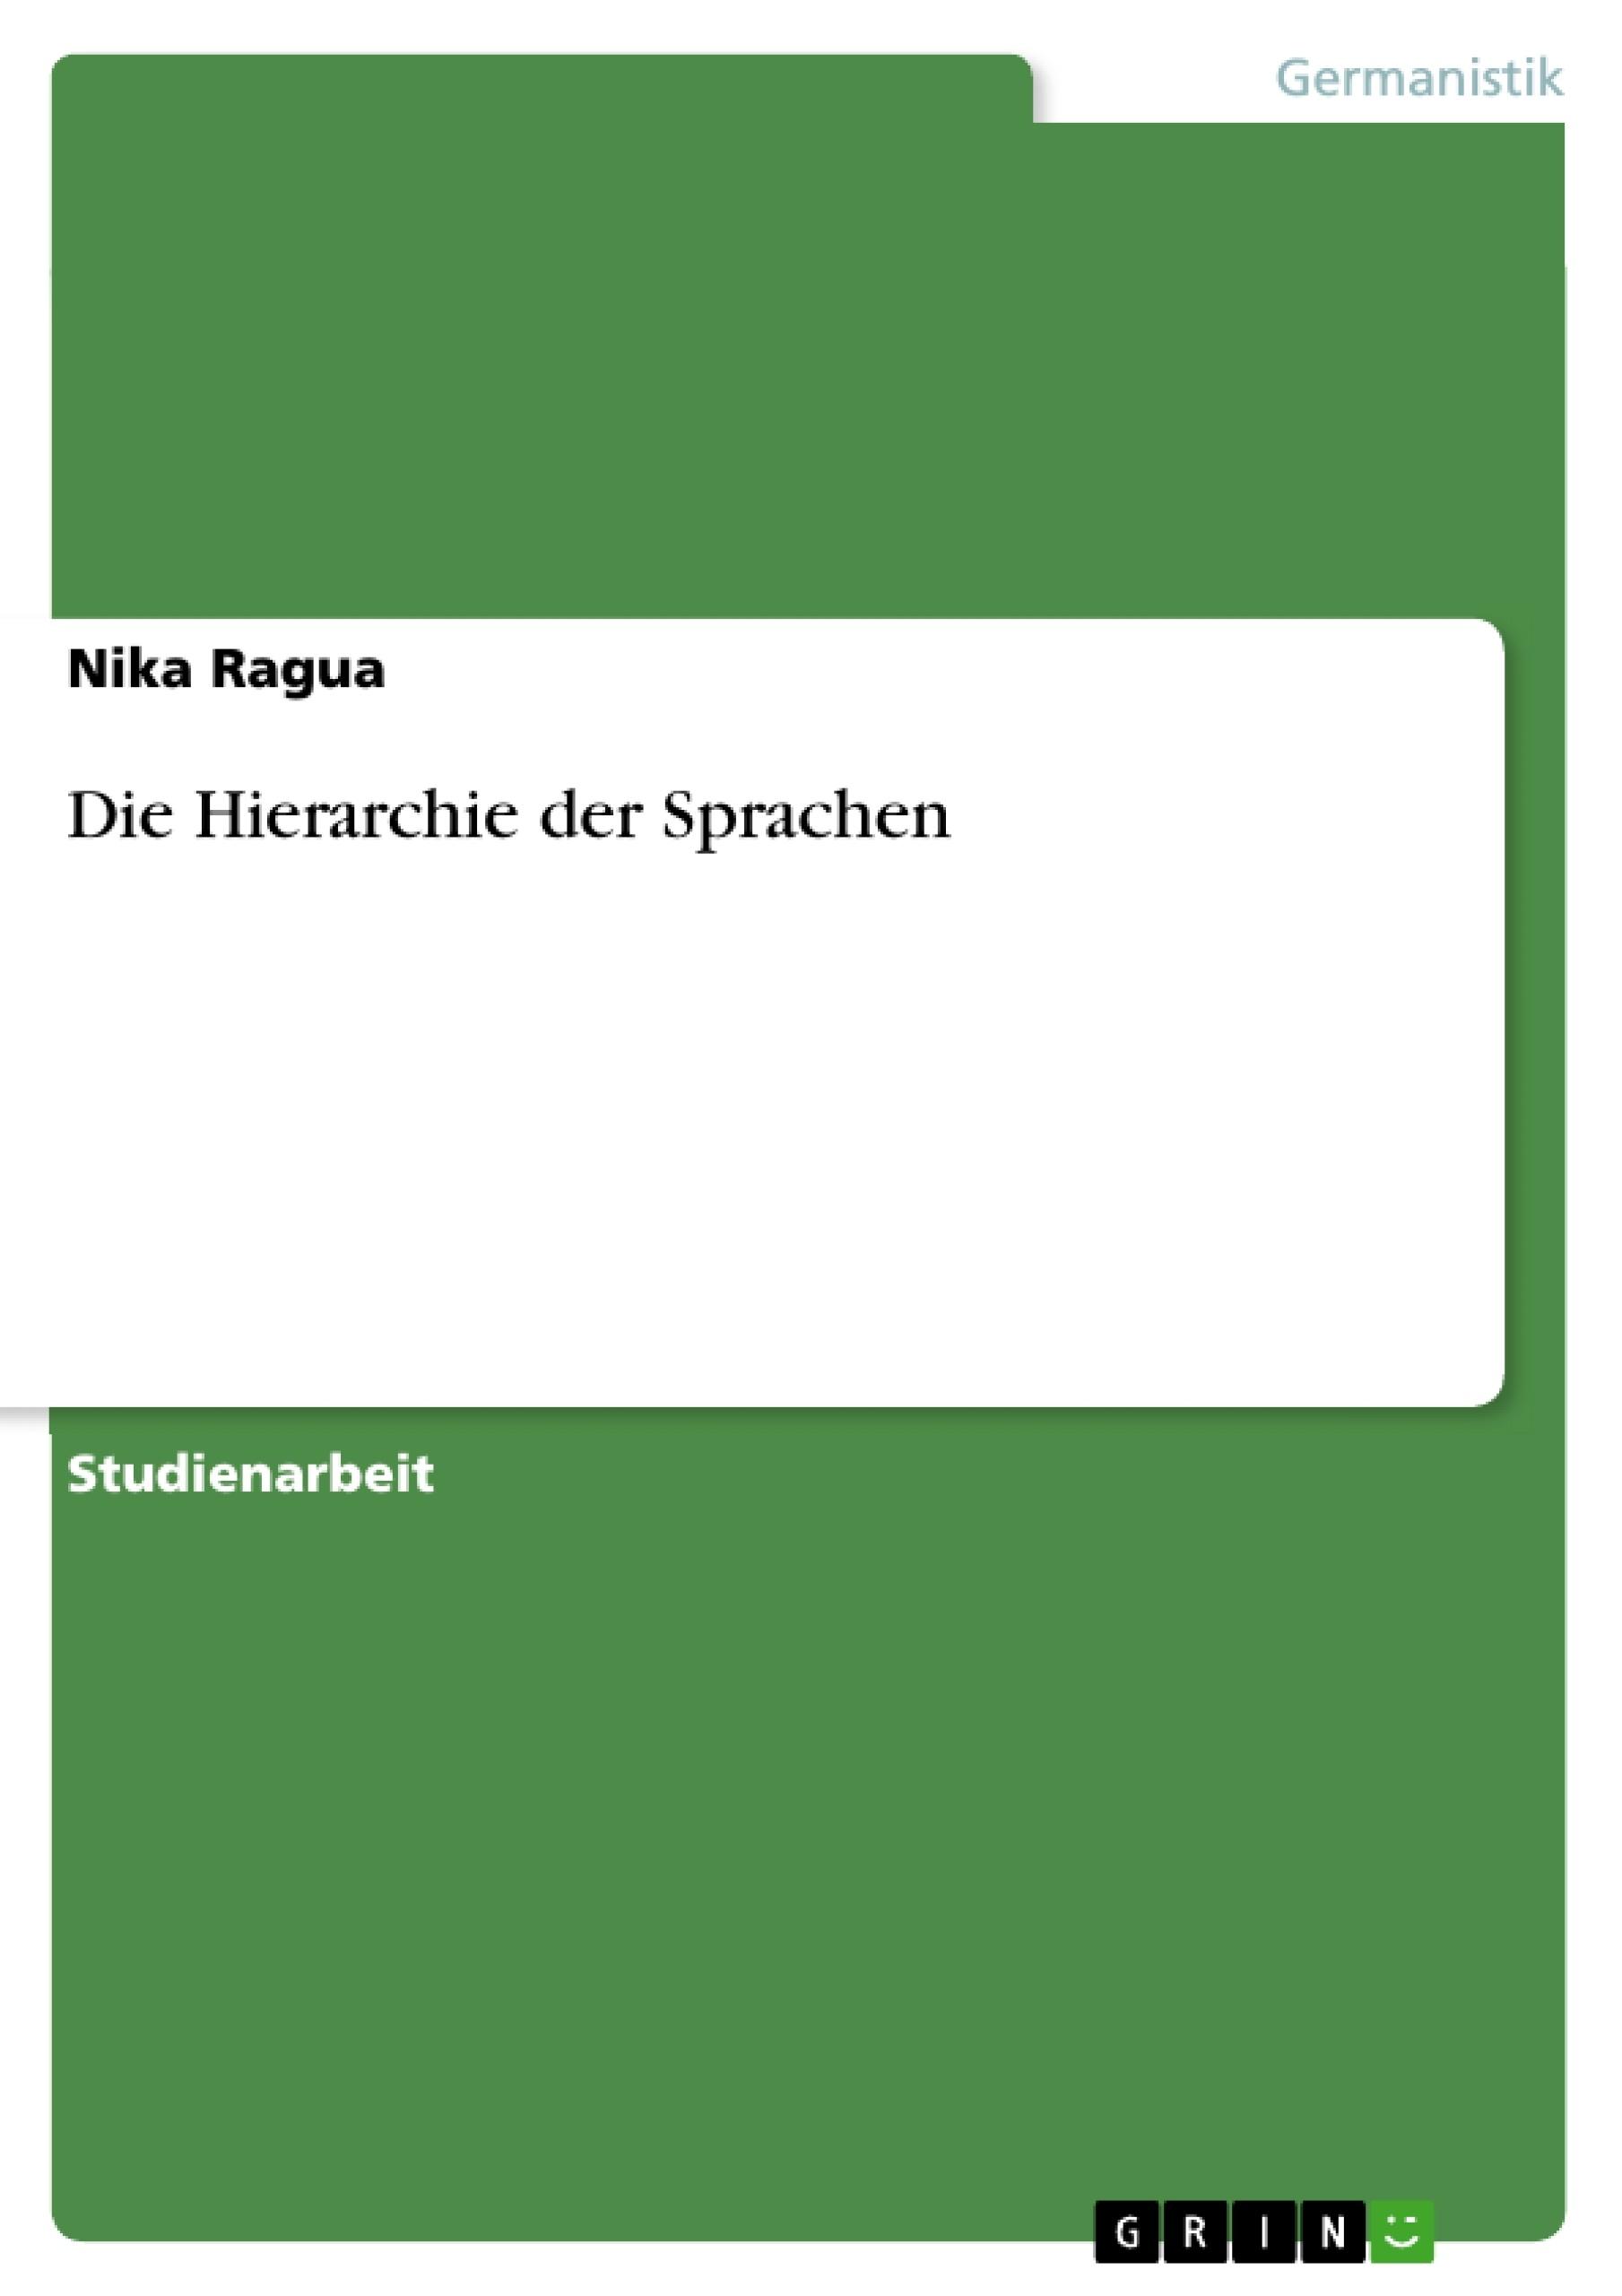 Titel: Die Hierarchie der Sprachen